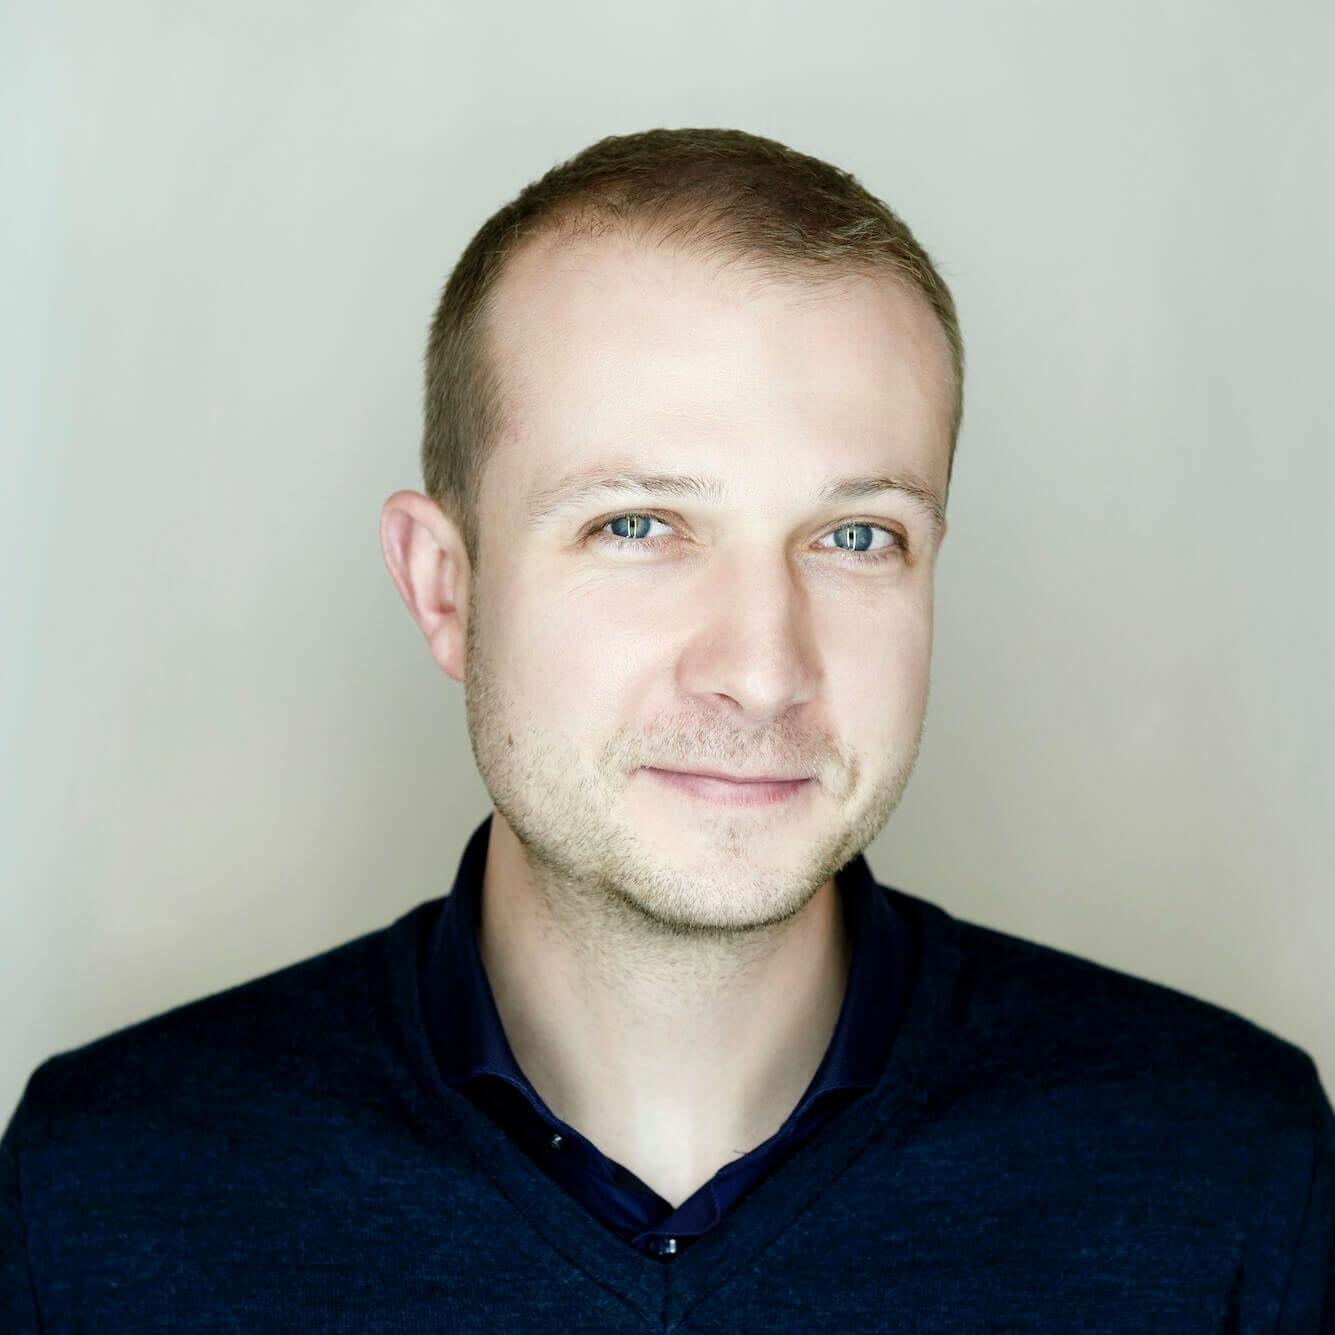 Matthias Ziobrowski